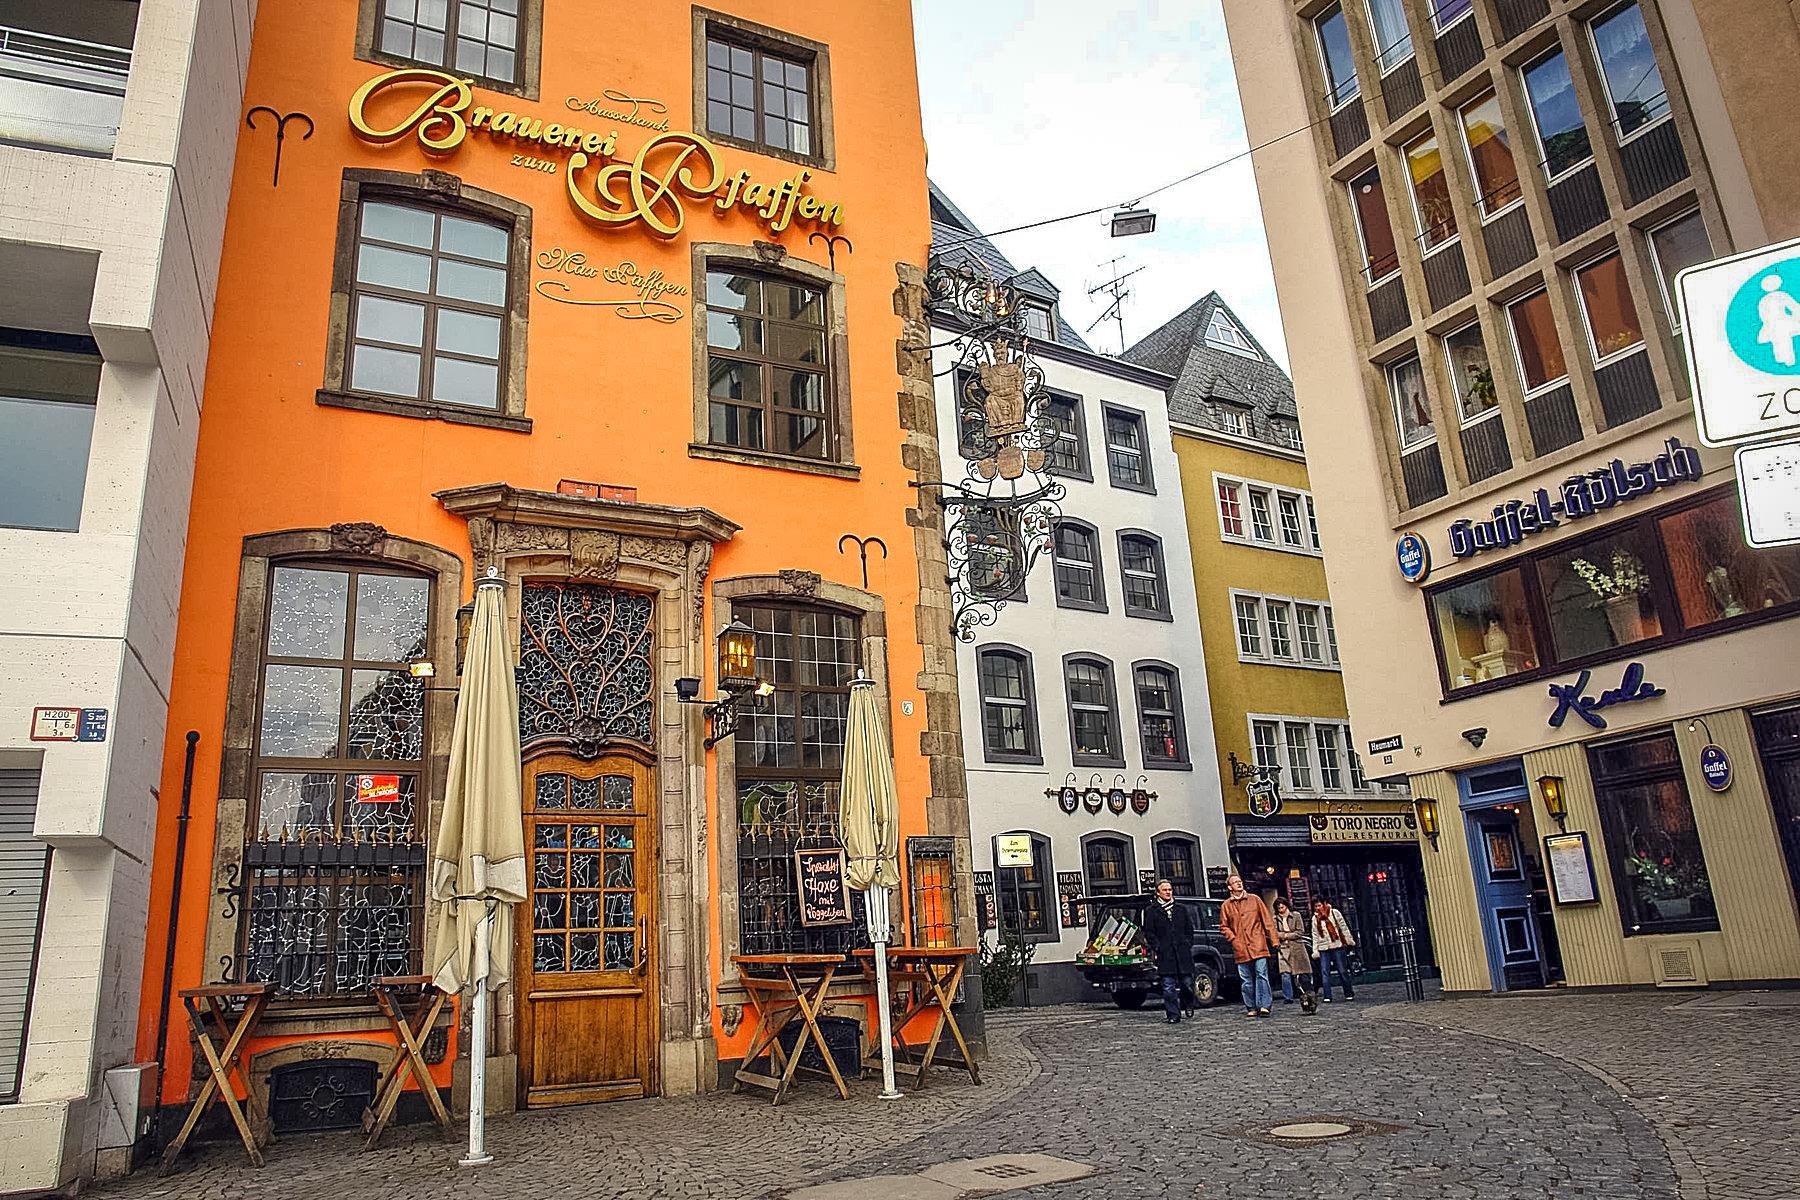 Пивные и рестораны в Старом городе